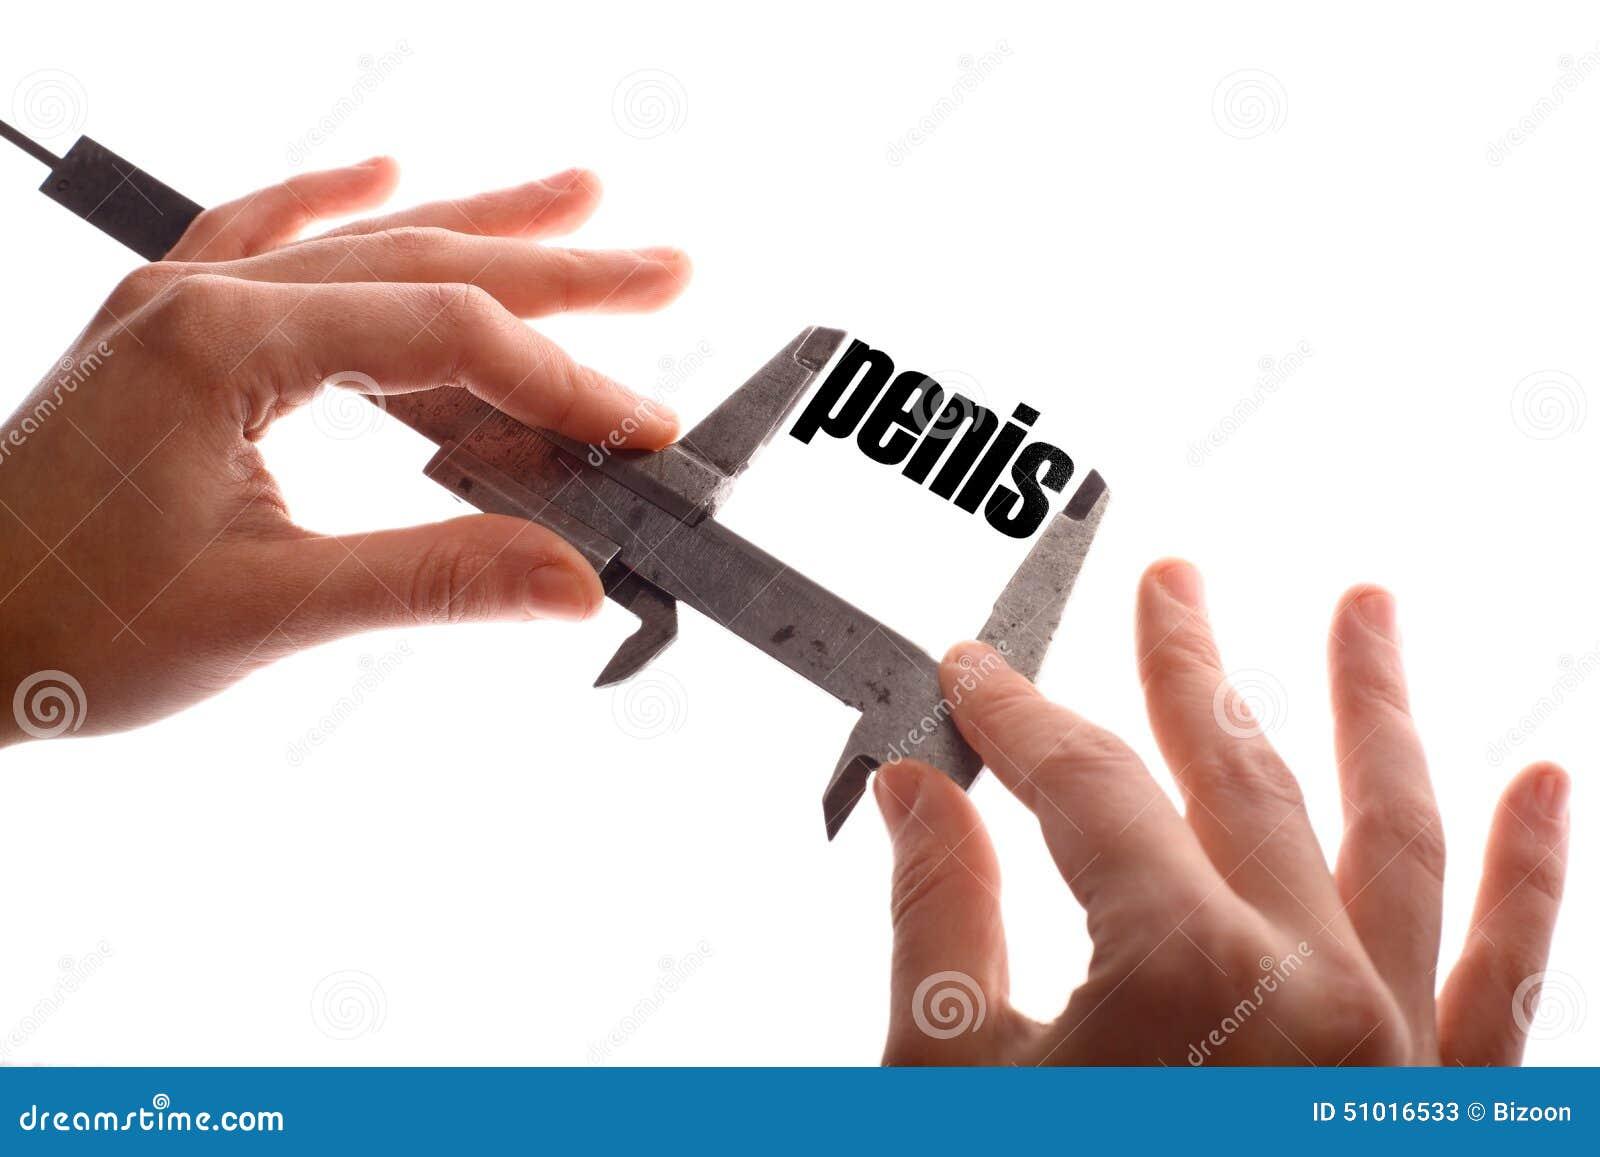 Penis Size Concerns